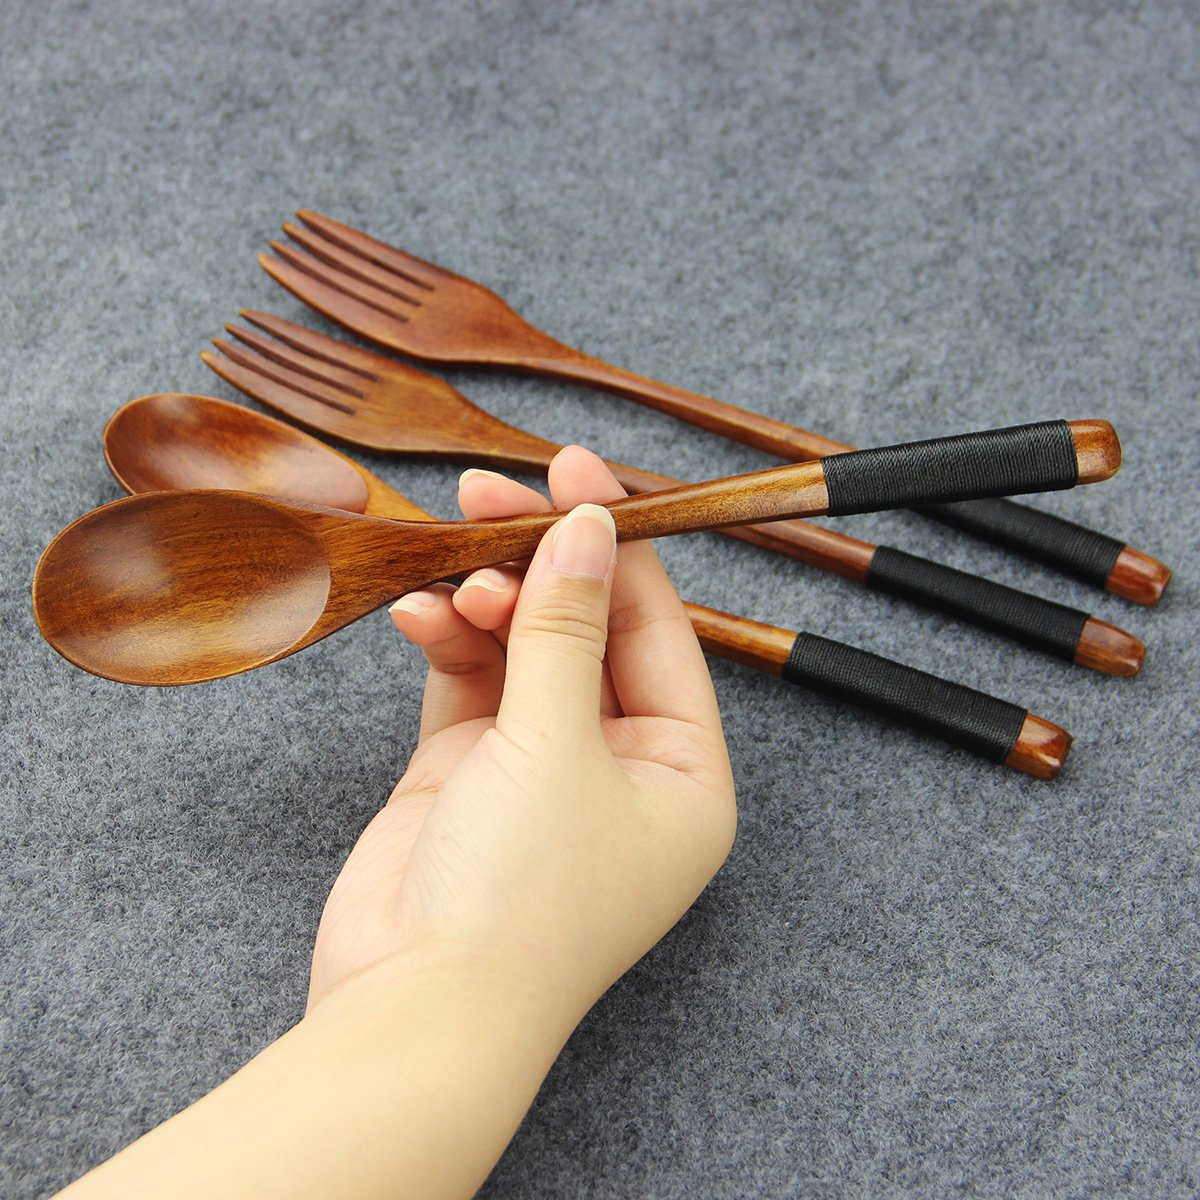 木製スプーンのおすすめ9選!日本製や使い捨てタイプも